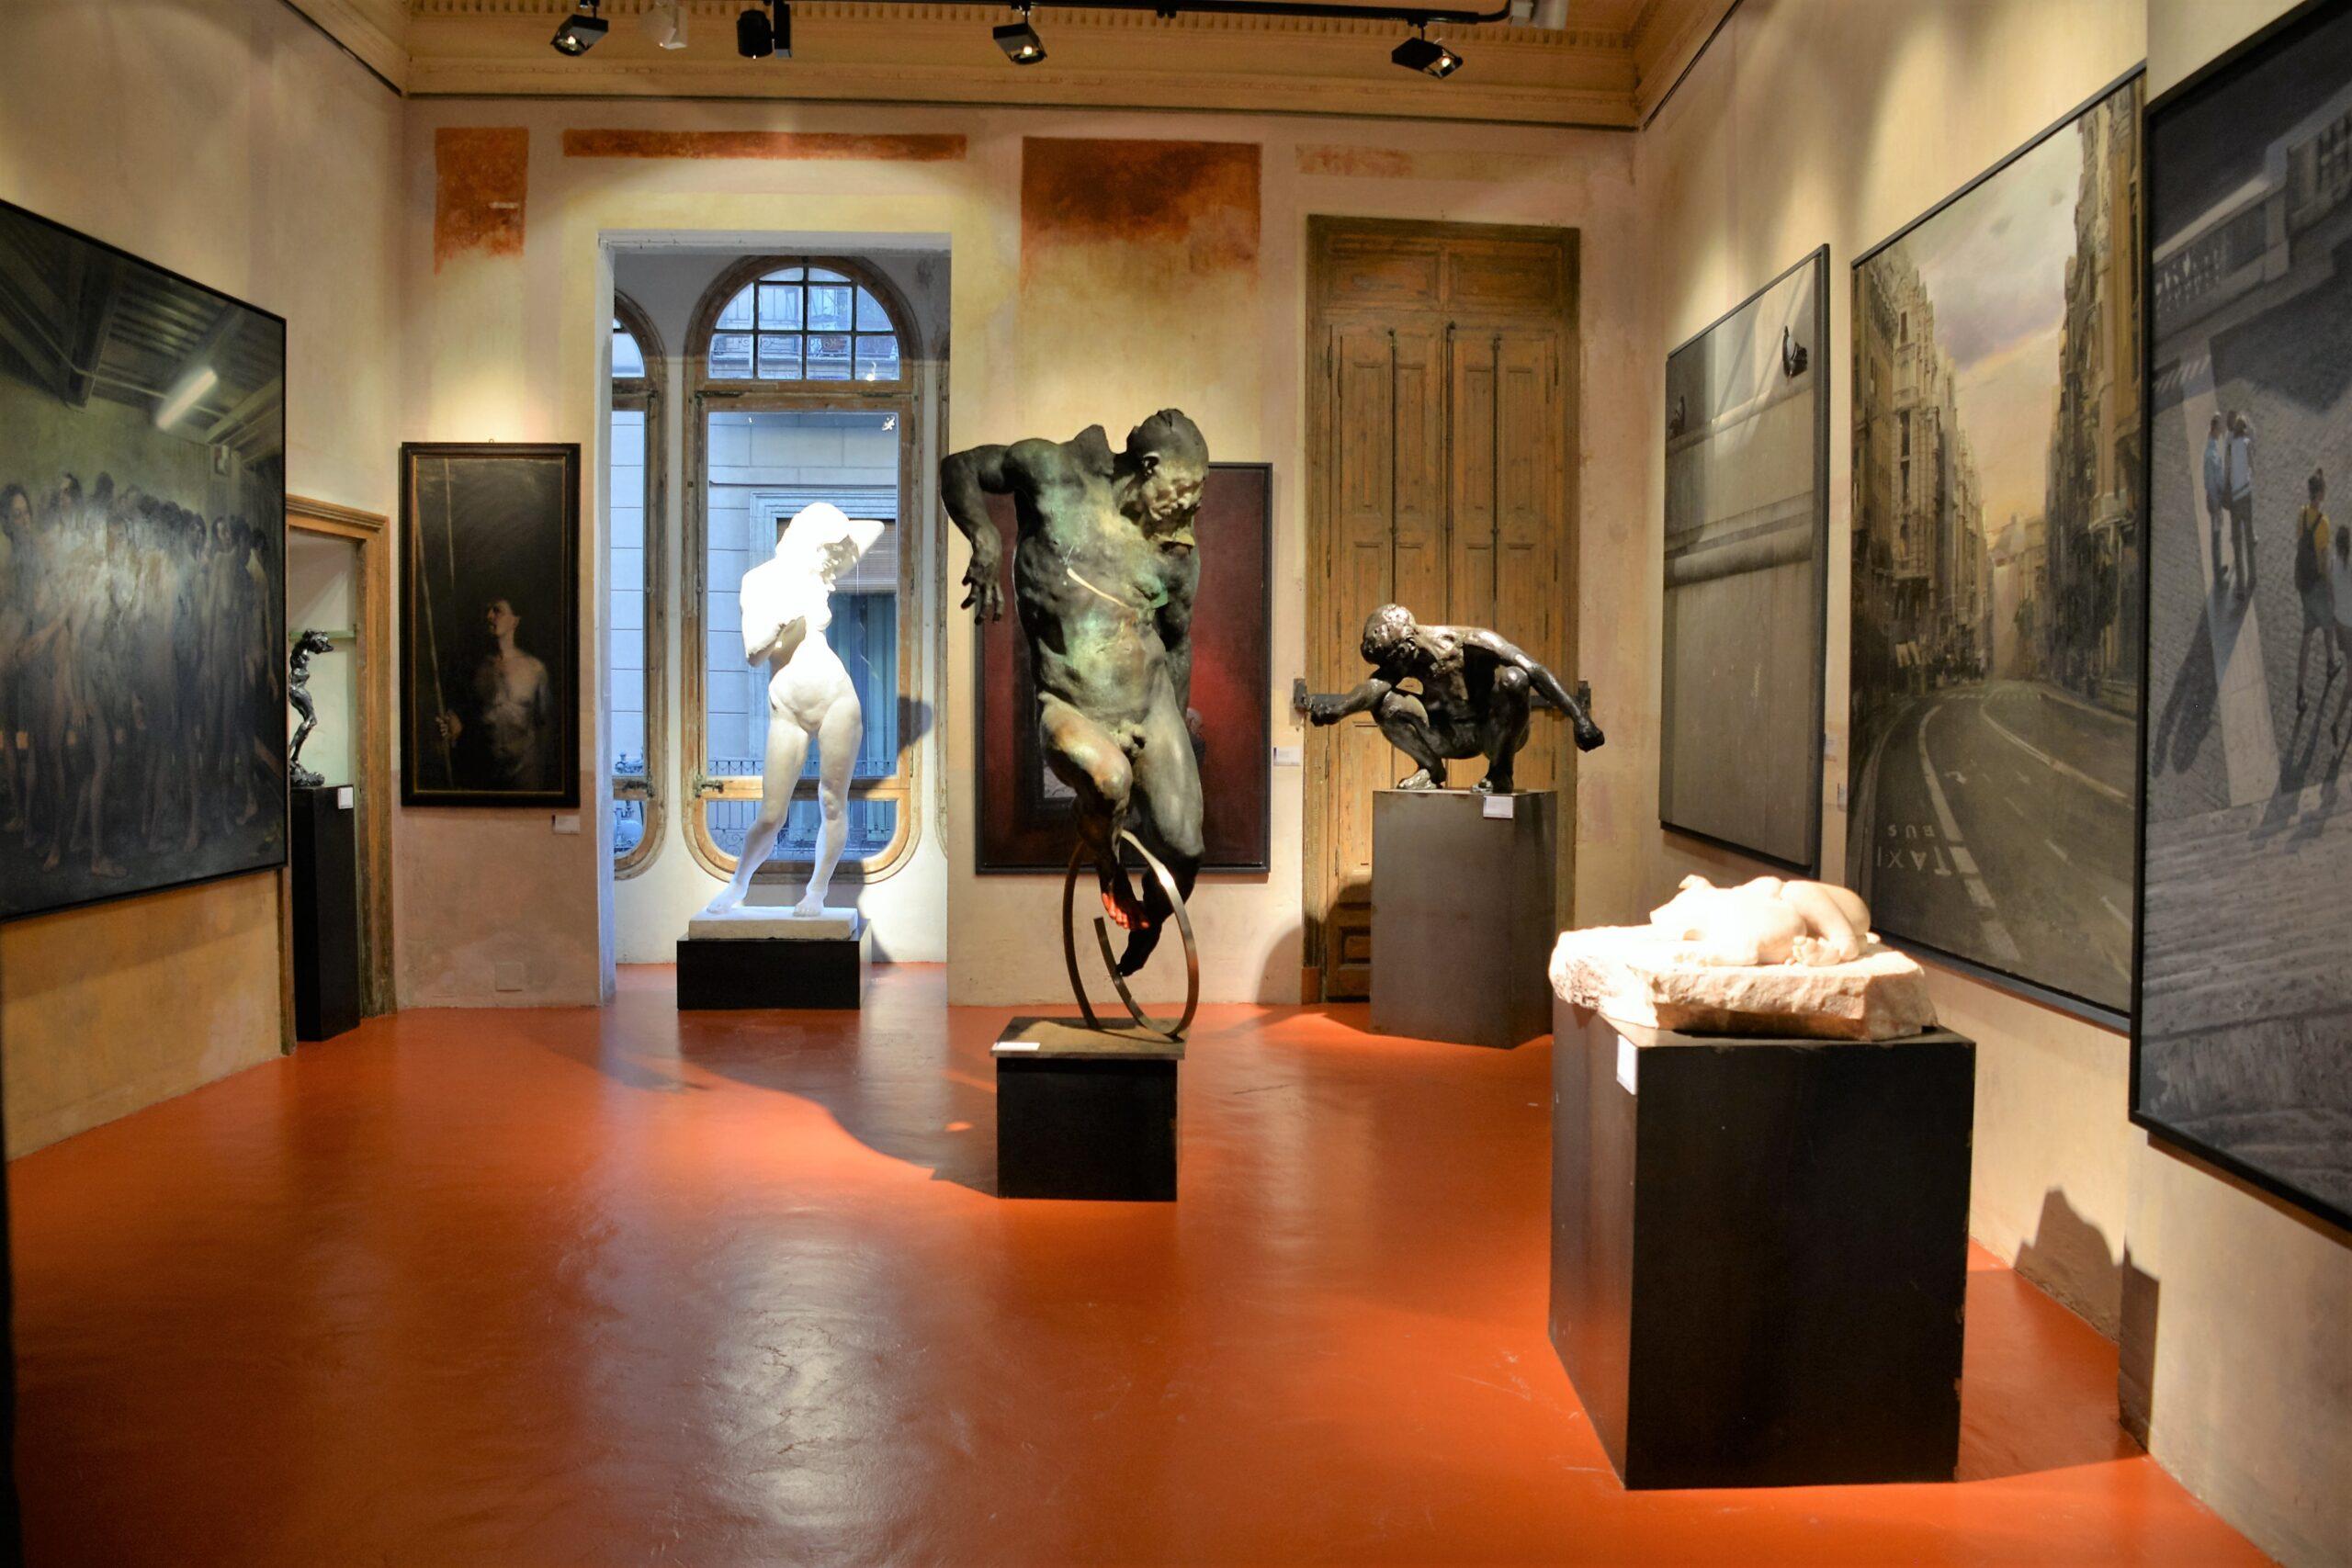 Museo Europeo de Arte Moderno. MEAM